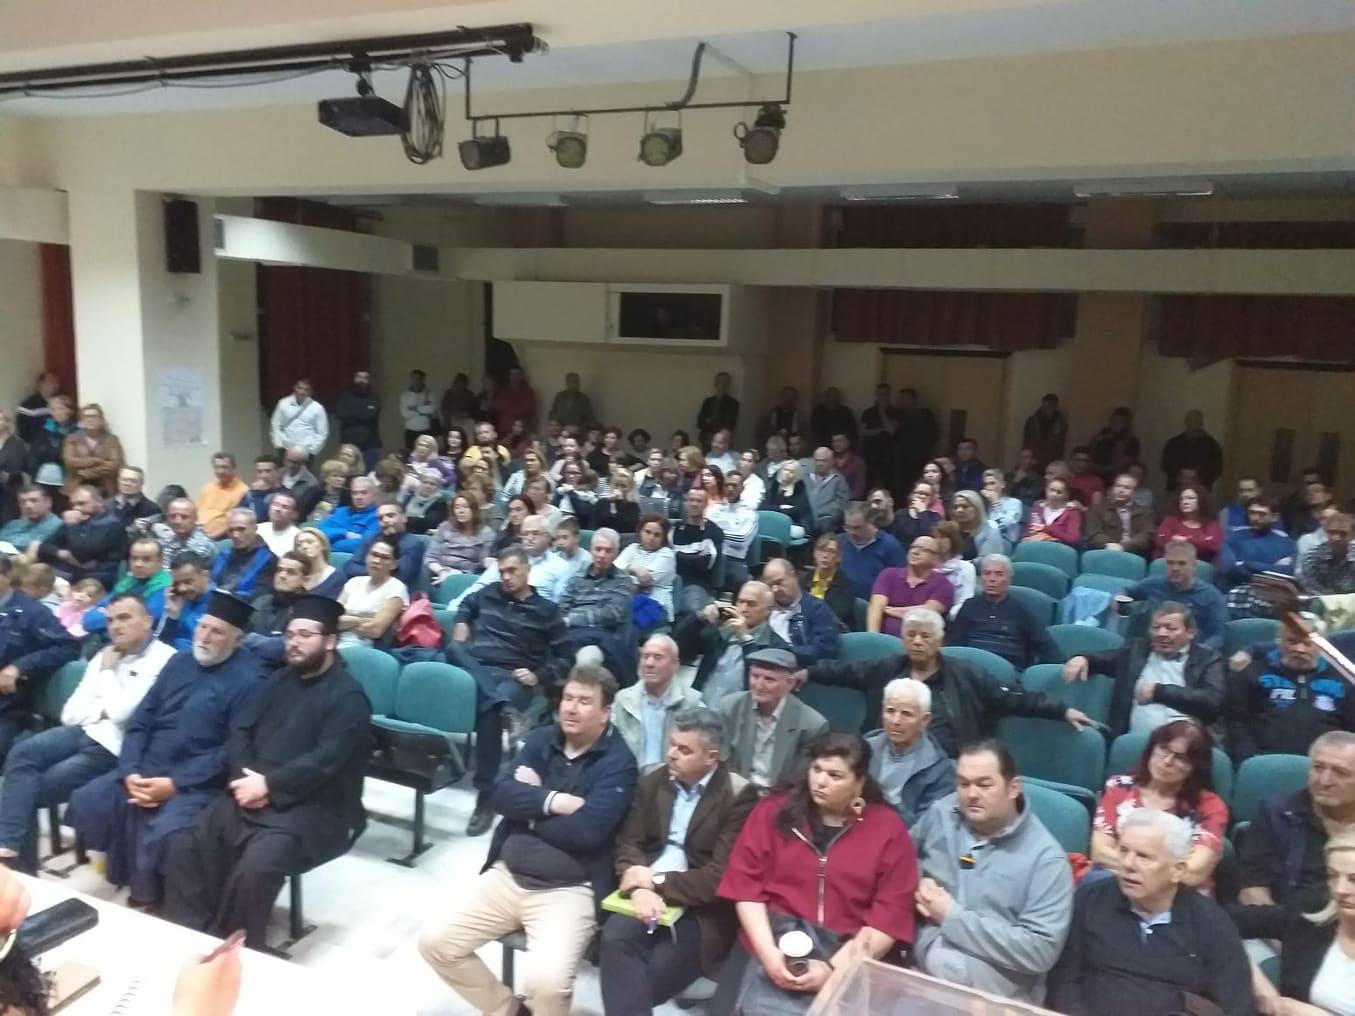 Με συμμετοχή πλήθους πολιτών οι συνελεύσεις στα χωριά του Δήμου Λαρισαίων (φωτό)